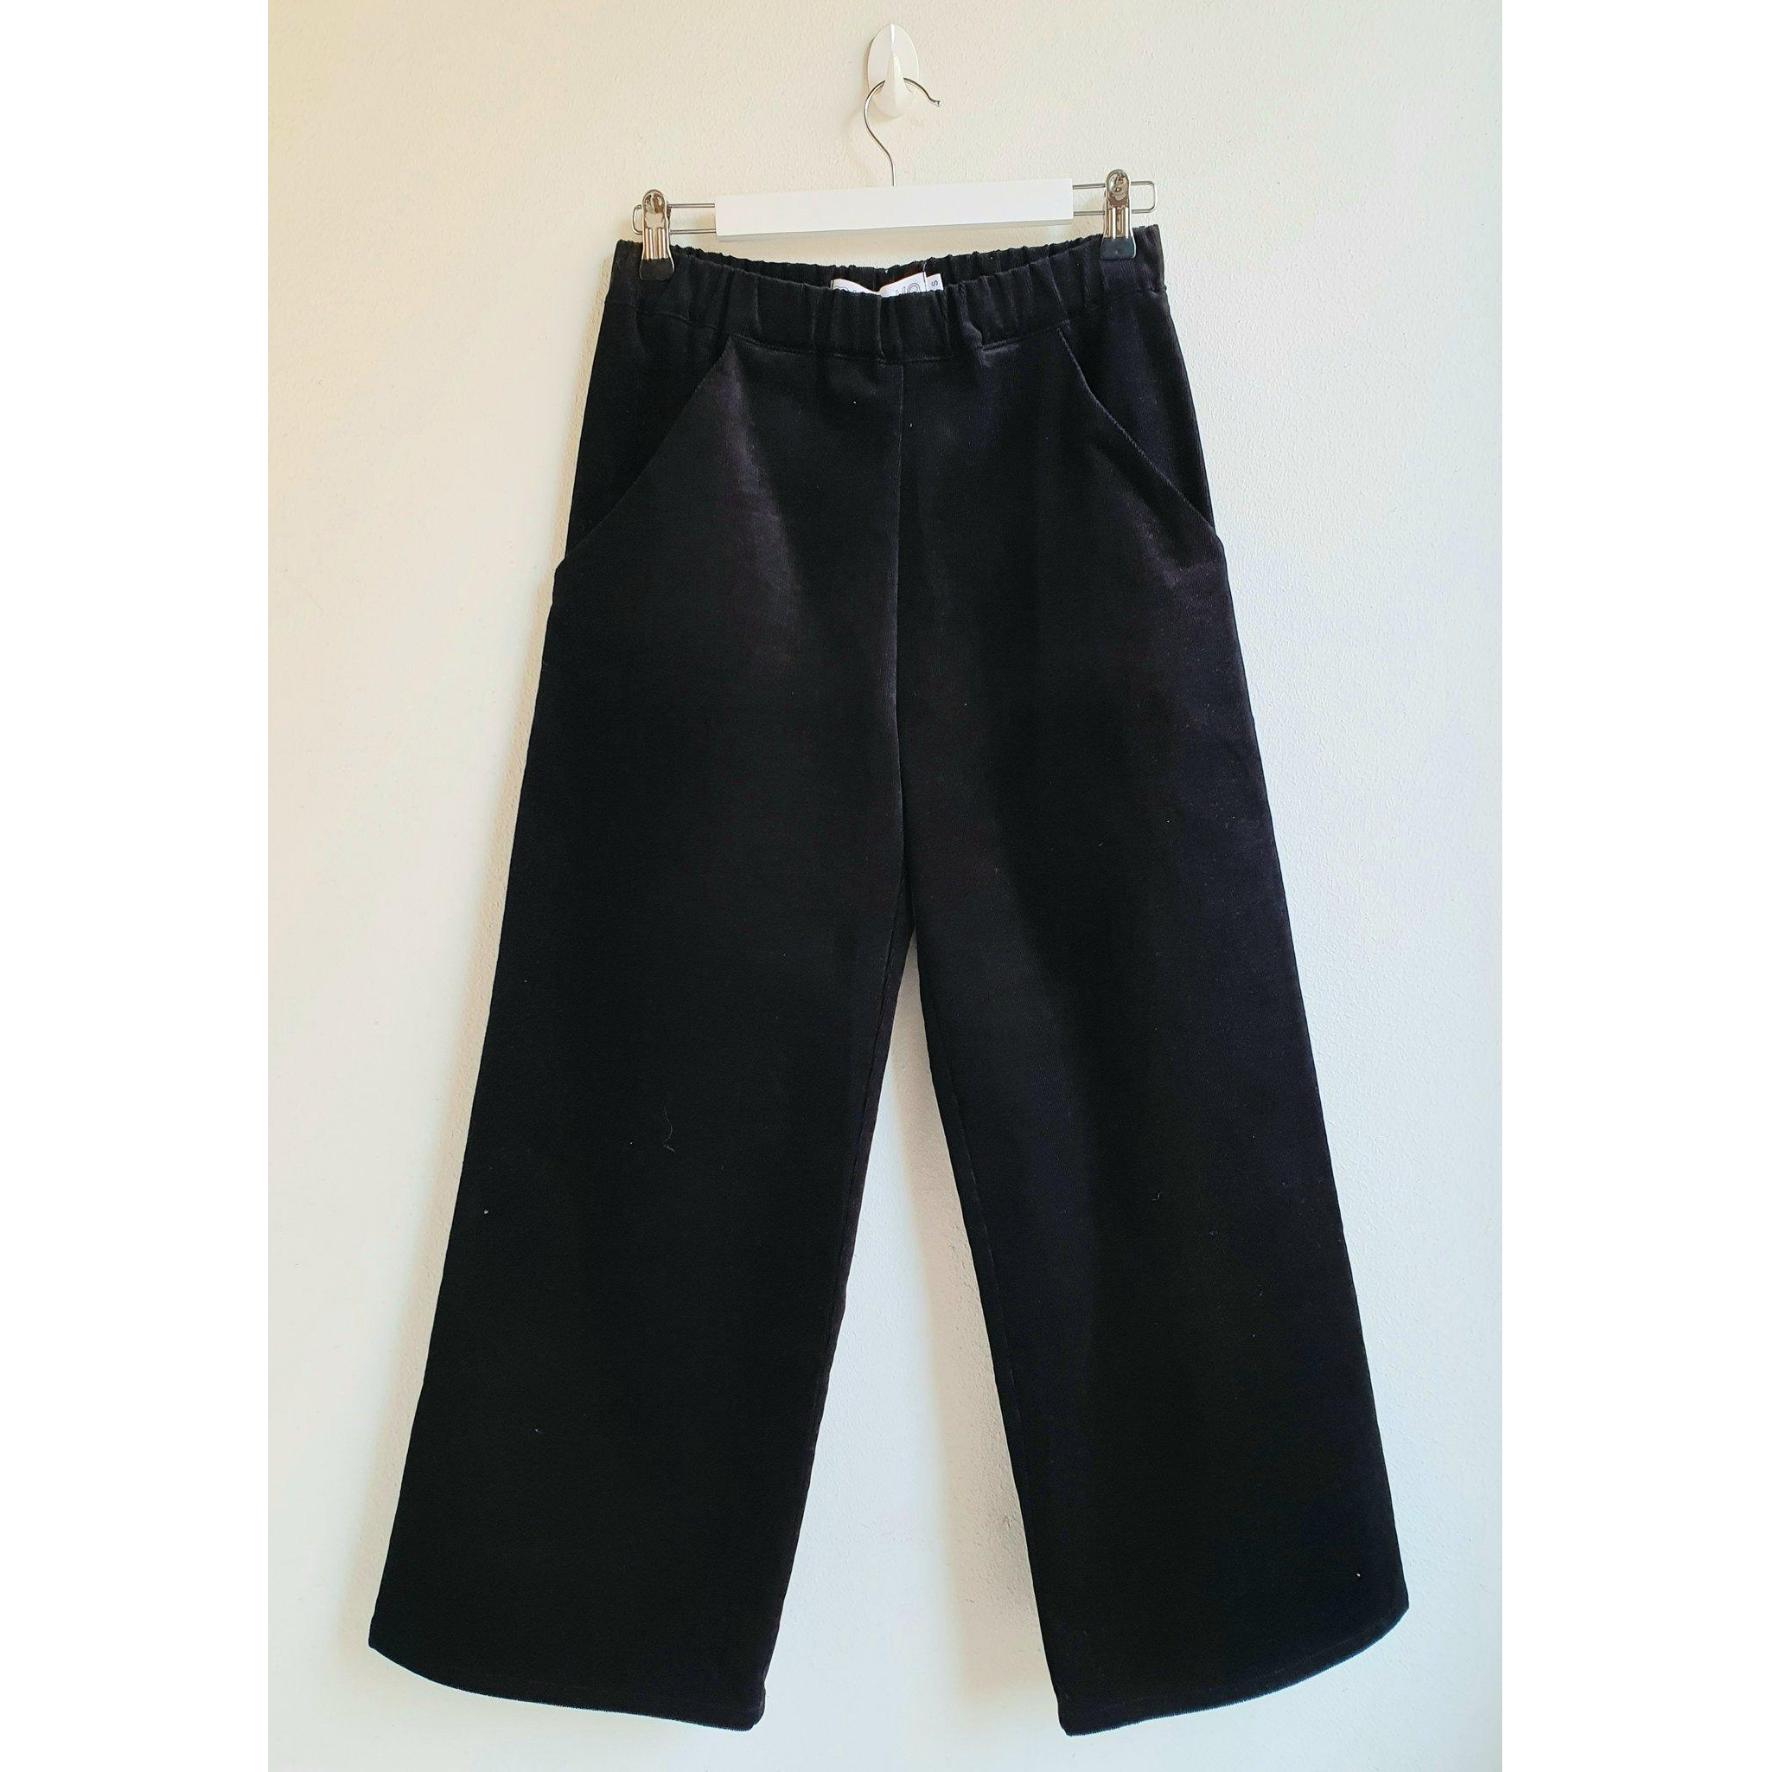 Hulda housut musta sametti - Mukava